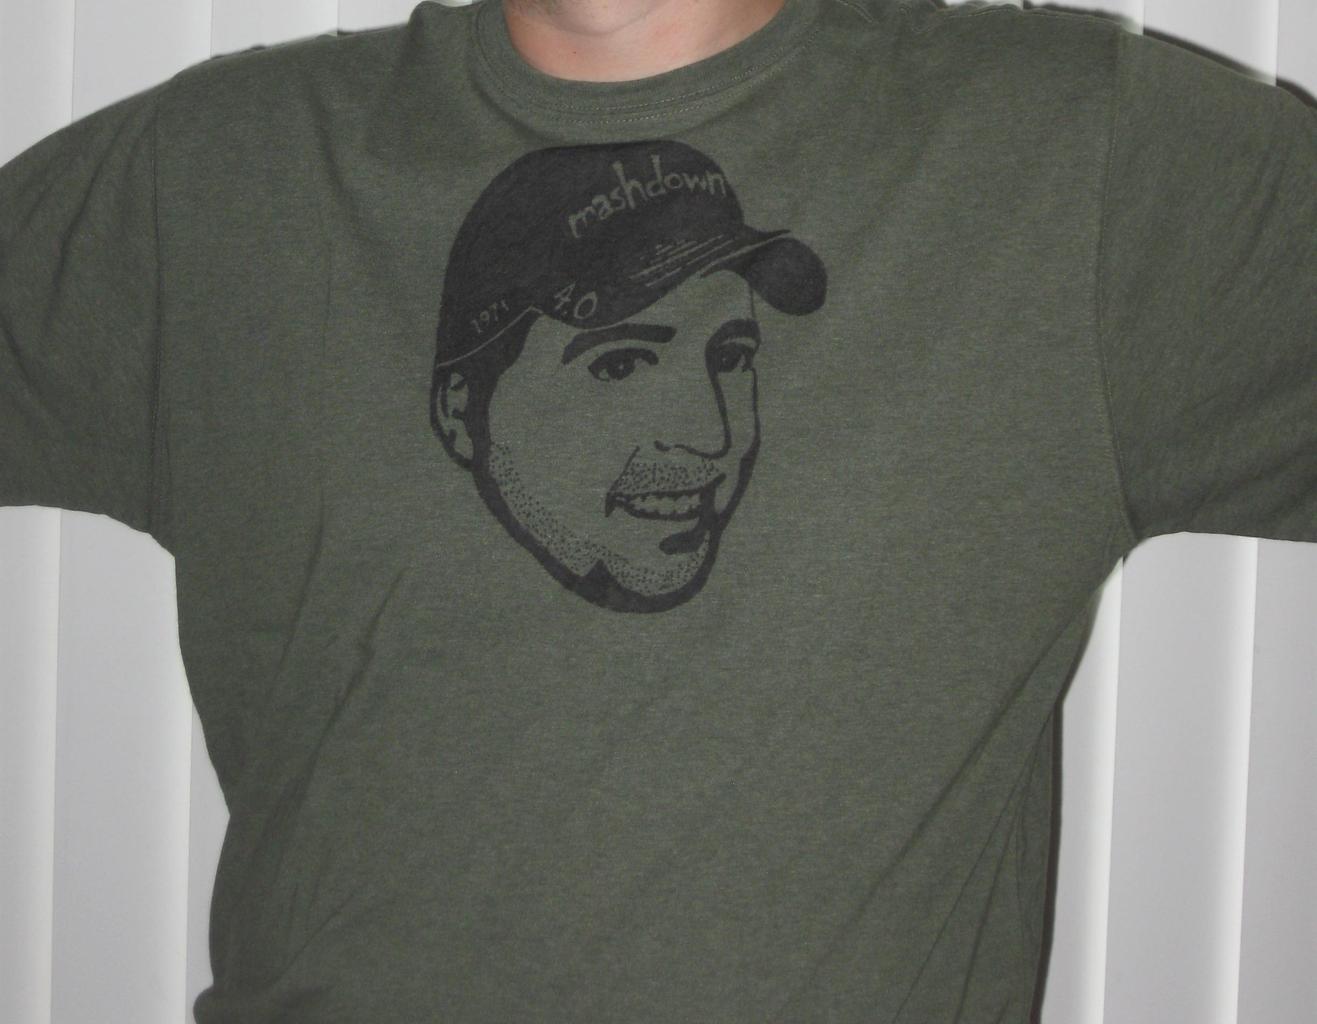 Easy Method for Custom T-Shirts